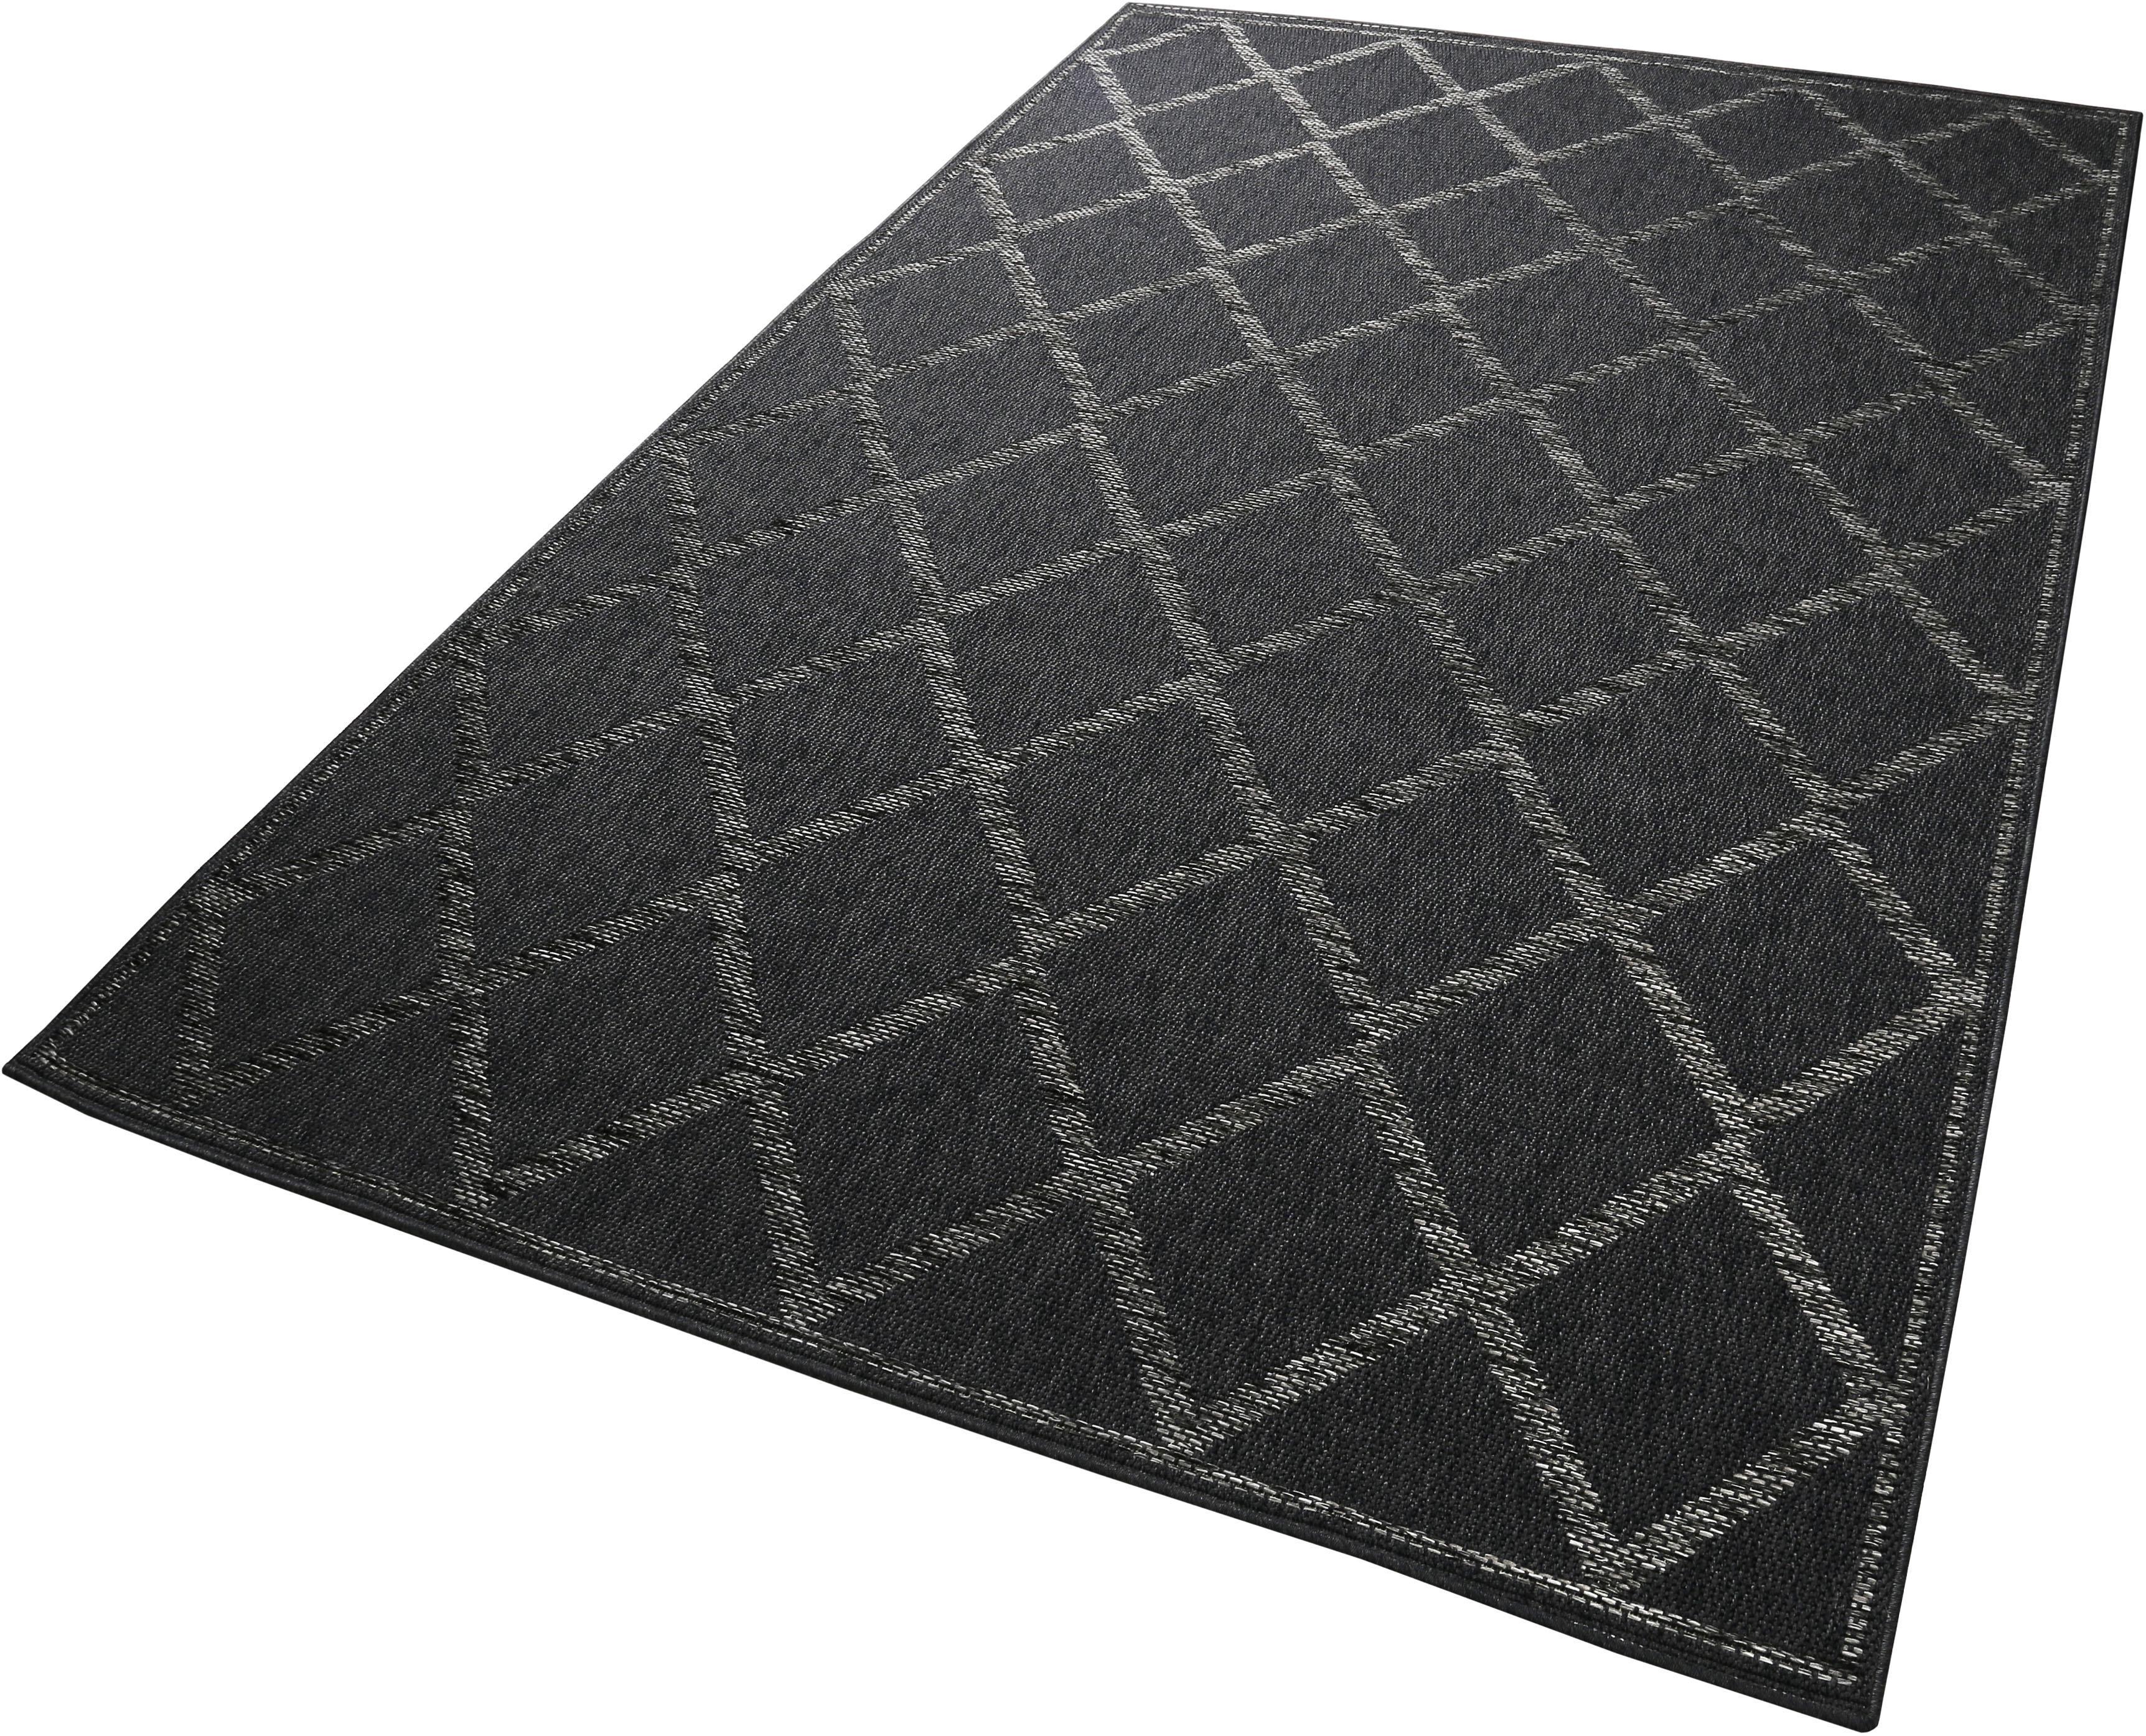 Teppich Rhomb Esprit rechteckig Höhe 5 mm maschinell gewebt